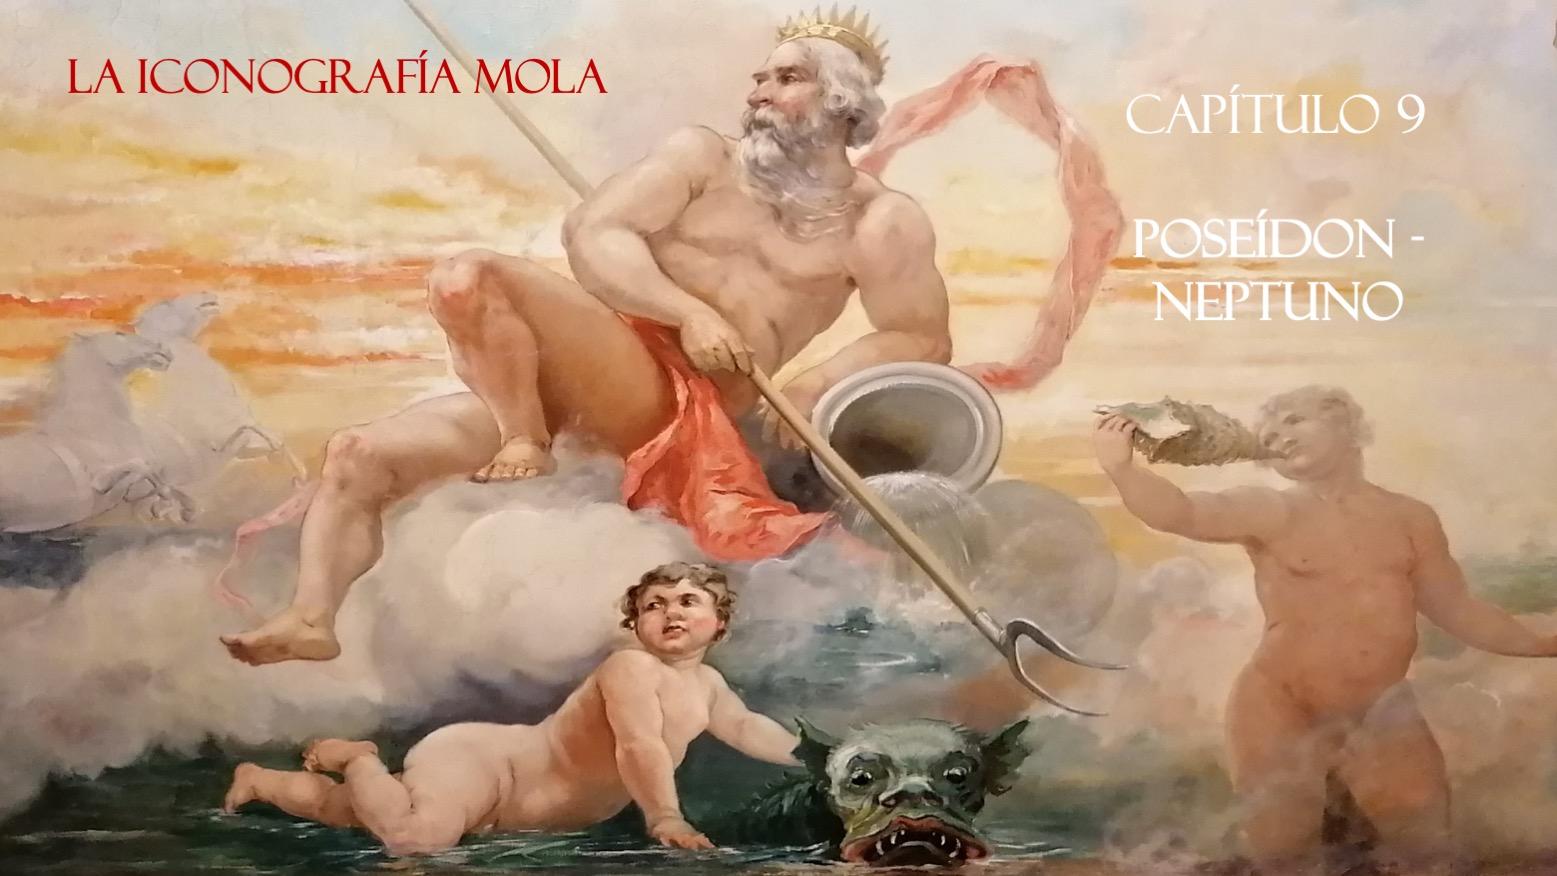 """La Iconografía Mola- Cap. 9: """"Poseidón – Neptuno"""""""